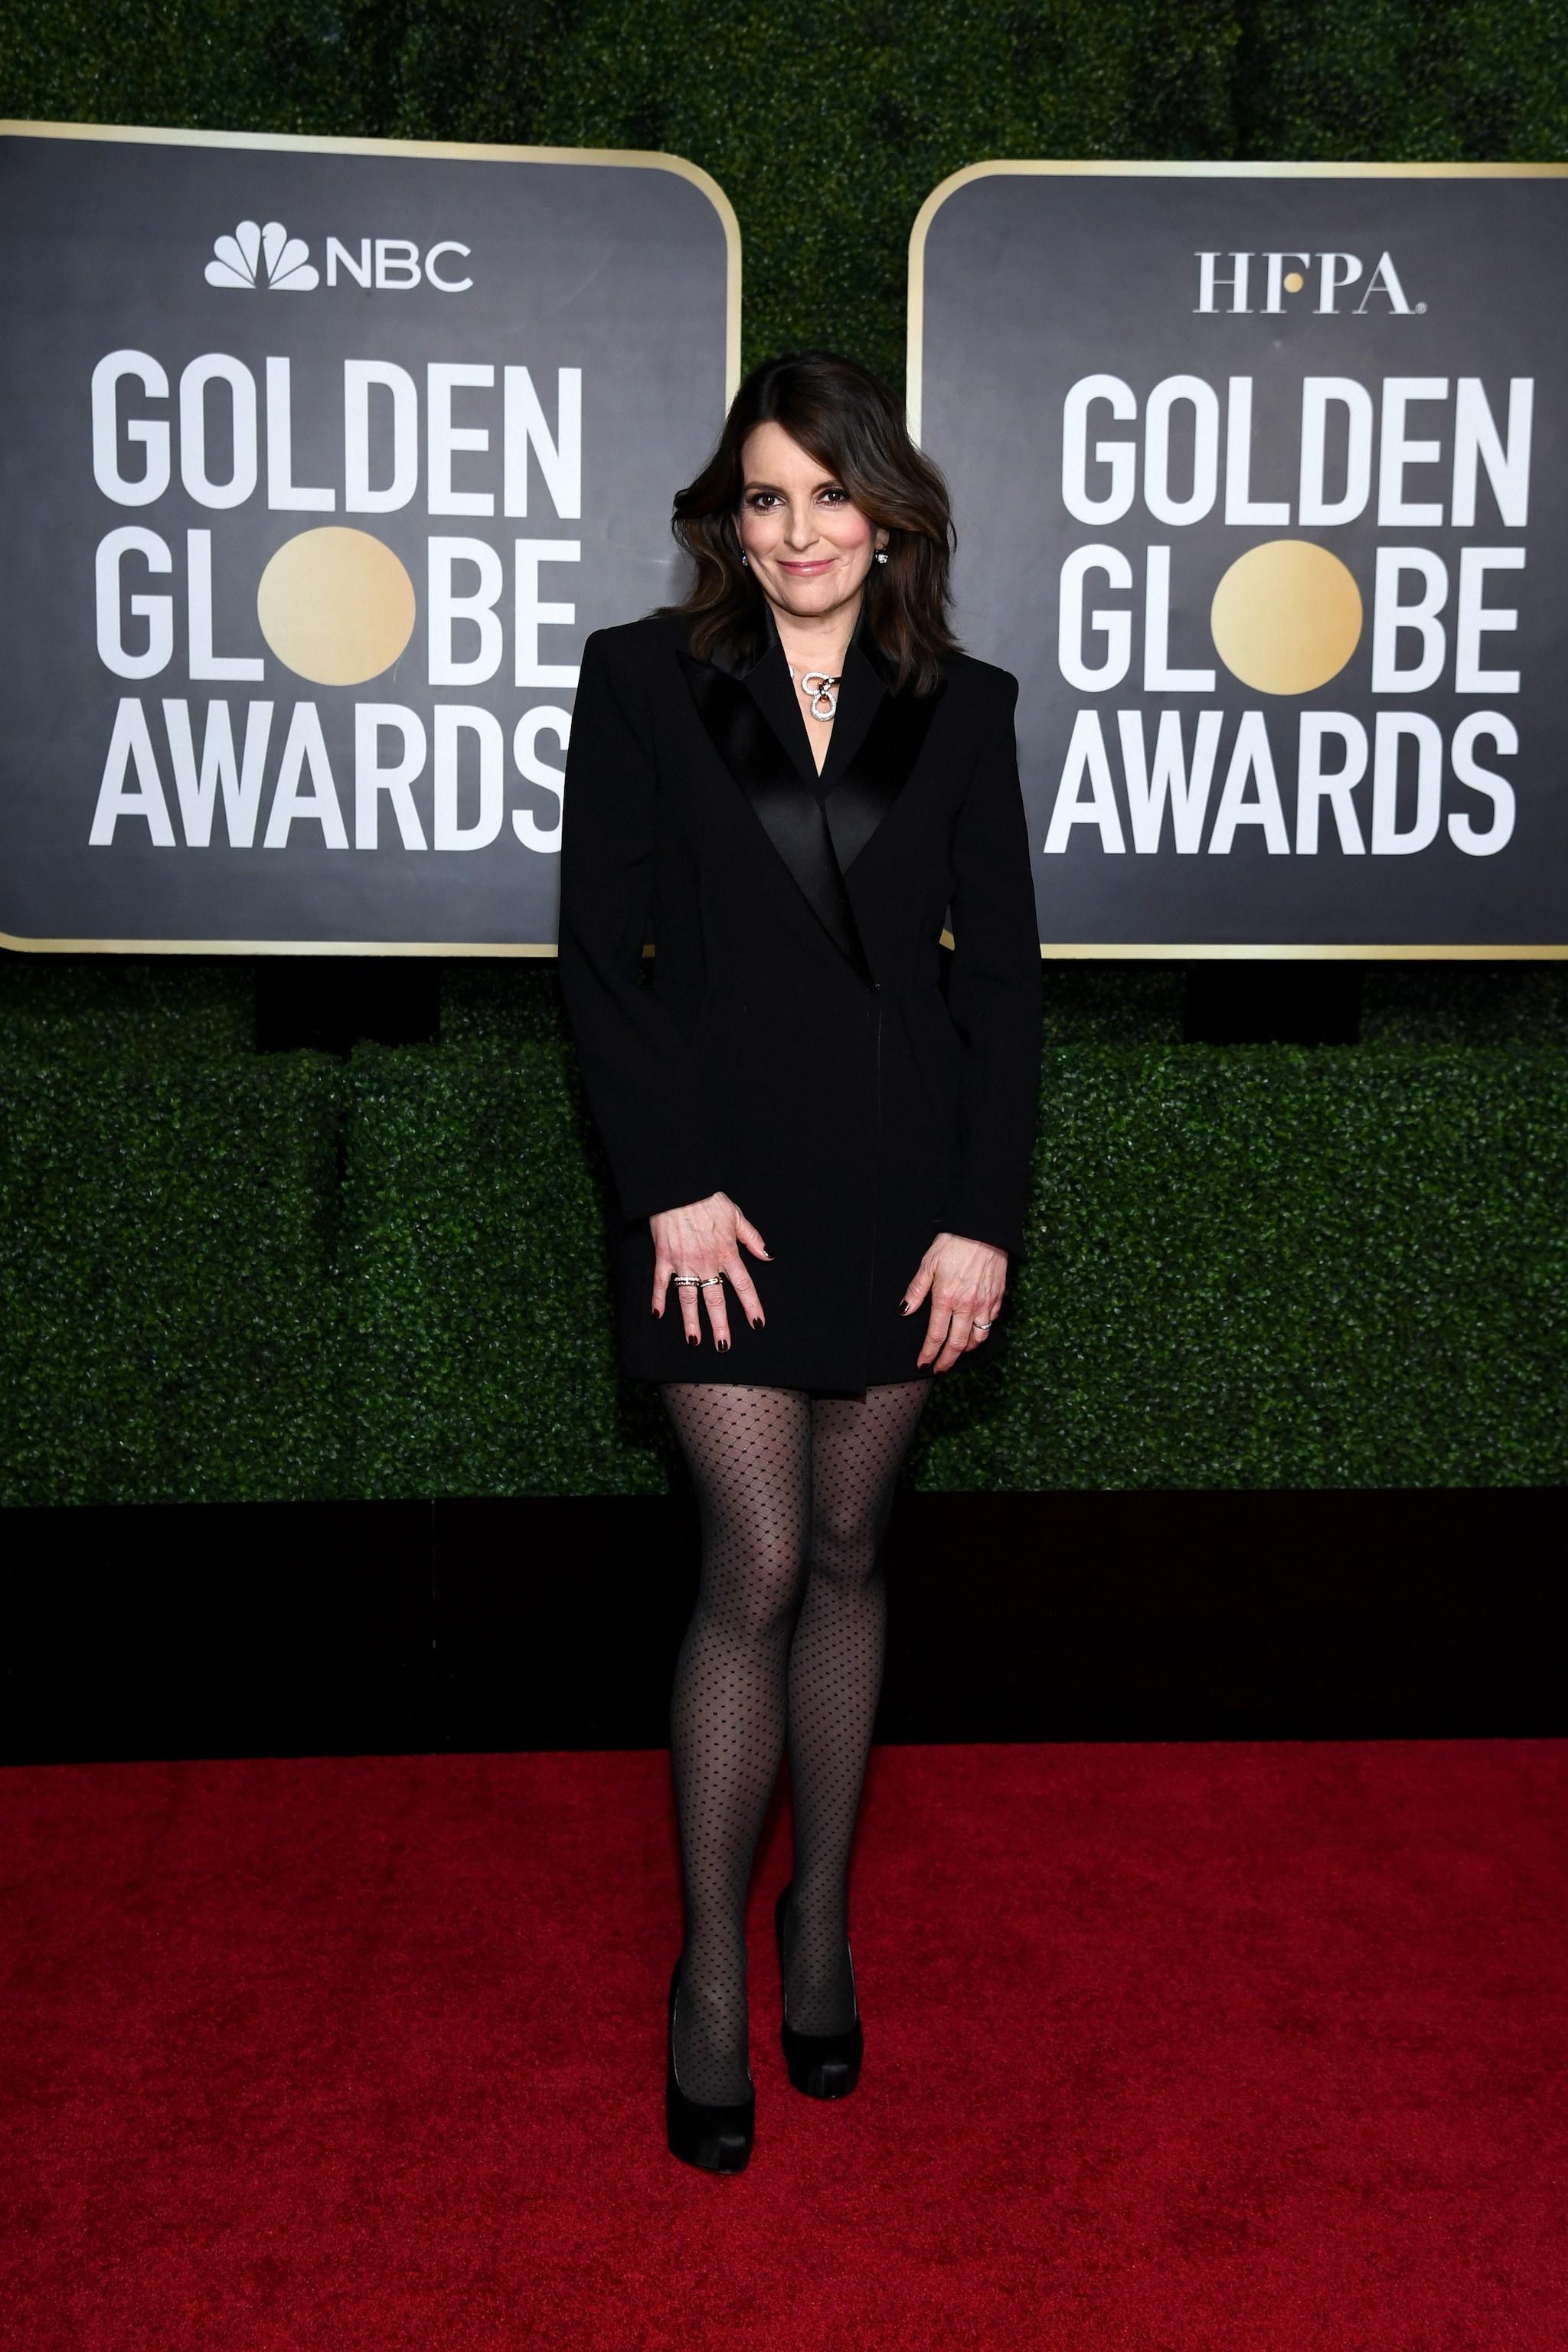 Tina Fey, presentatrice della serata